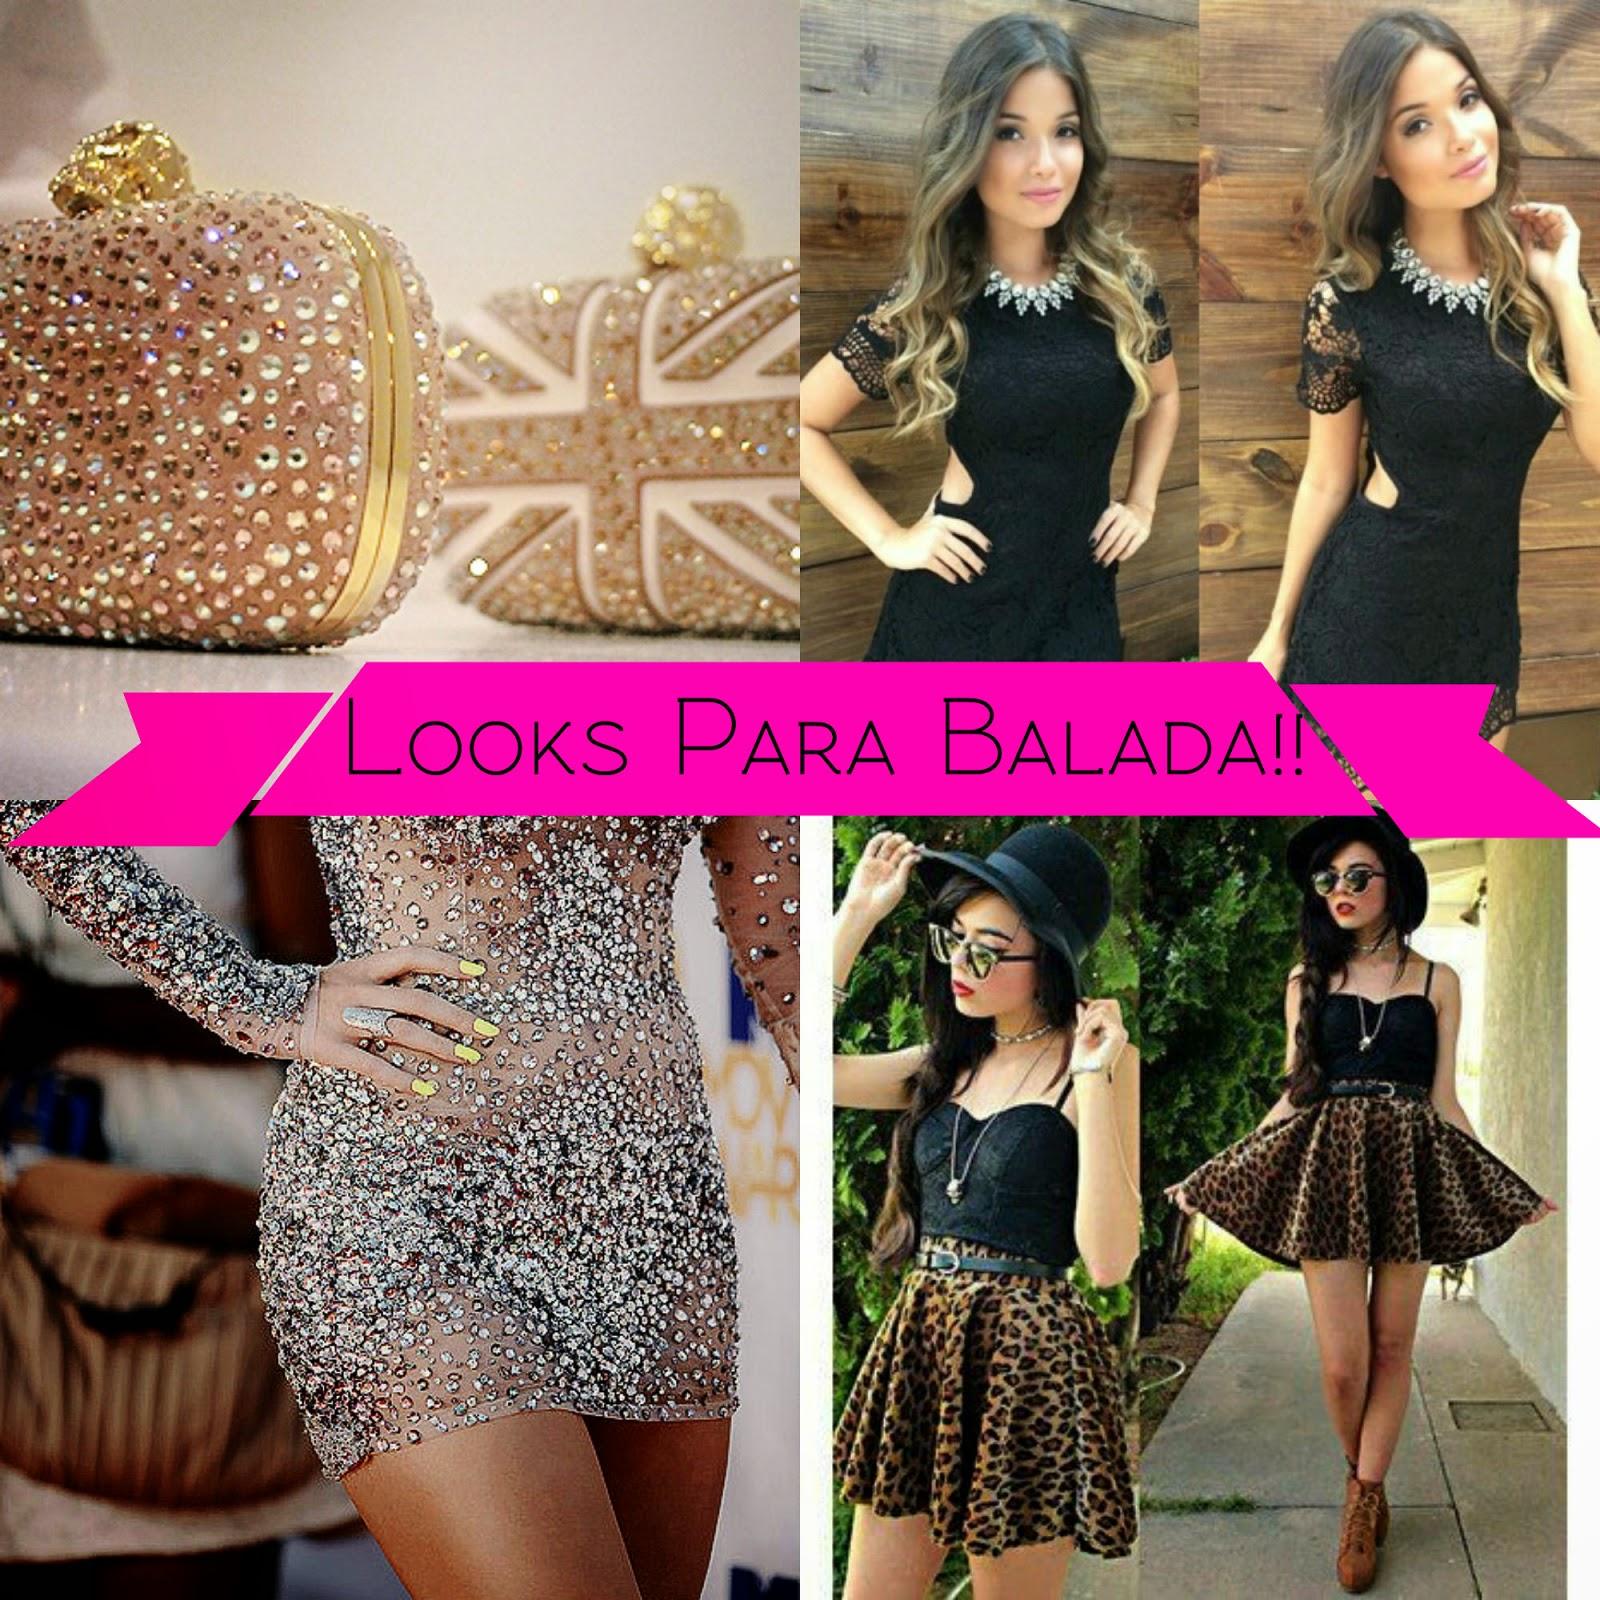 #looksparabalada,#dicasdelooksparabalada#oqueusarparaiiaabalada,#balada,#mundodasfashion#mundo#fashion